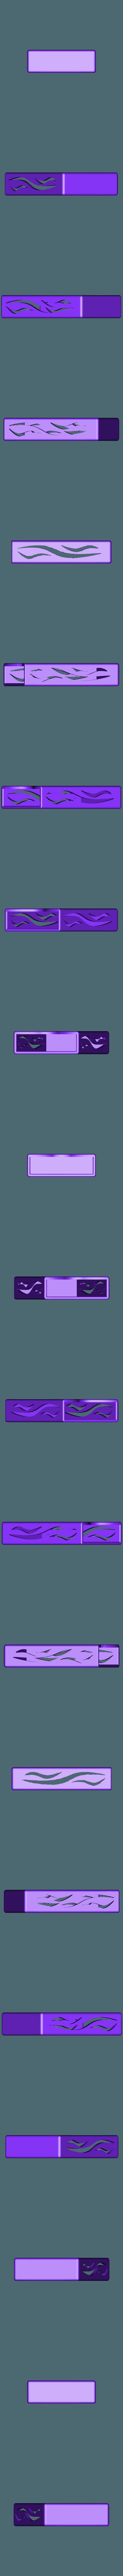 visit's card holder with rectangle for logo.stl Download free STL file business card holder for desk • 3D printing model, blandiant